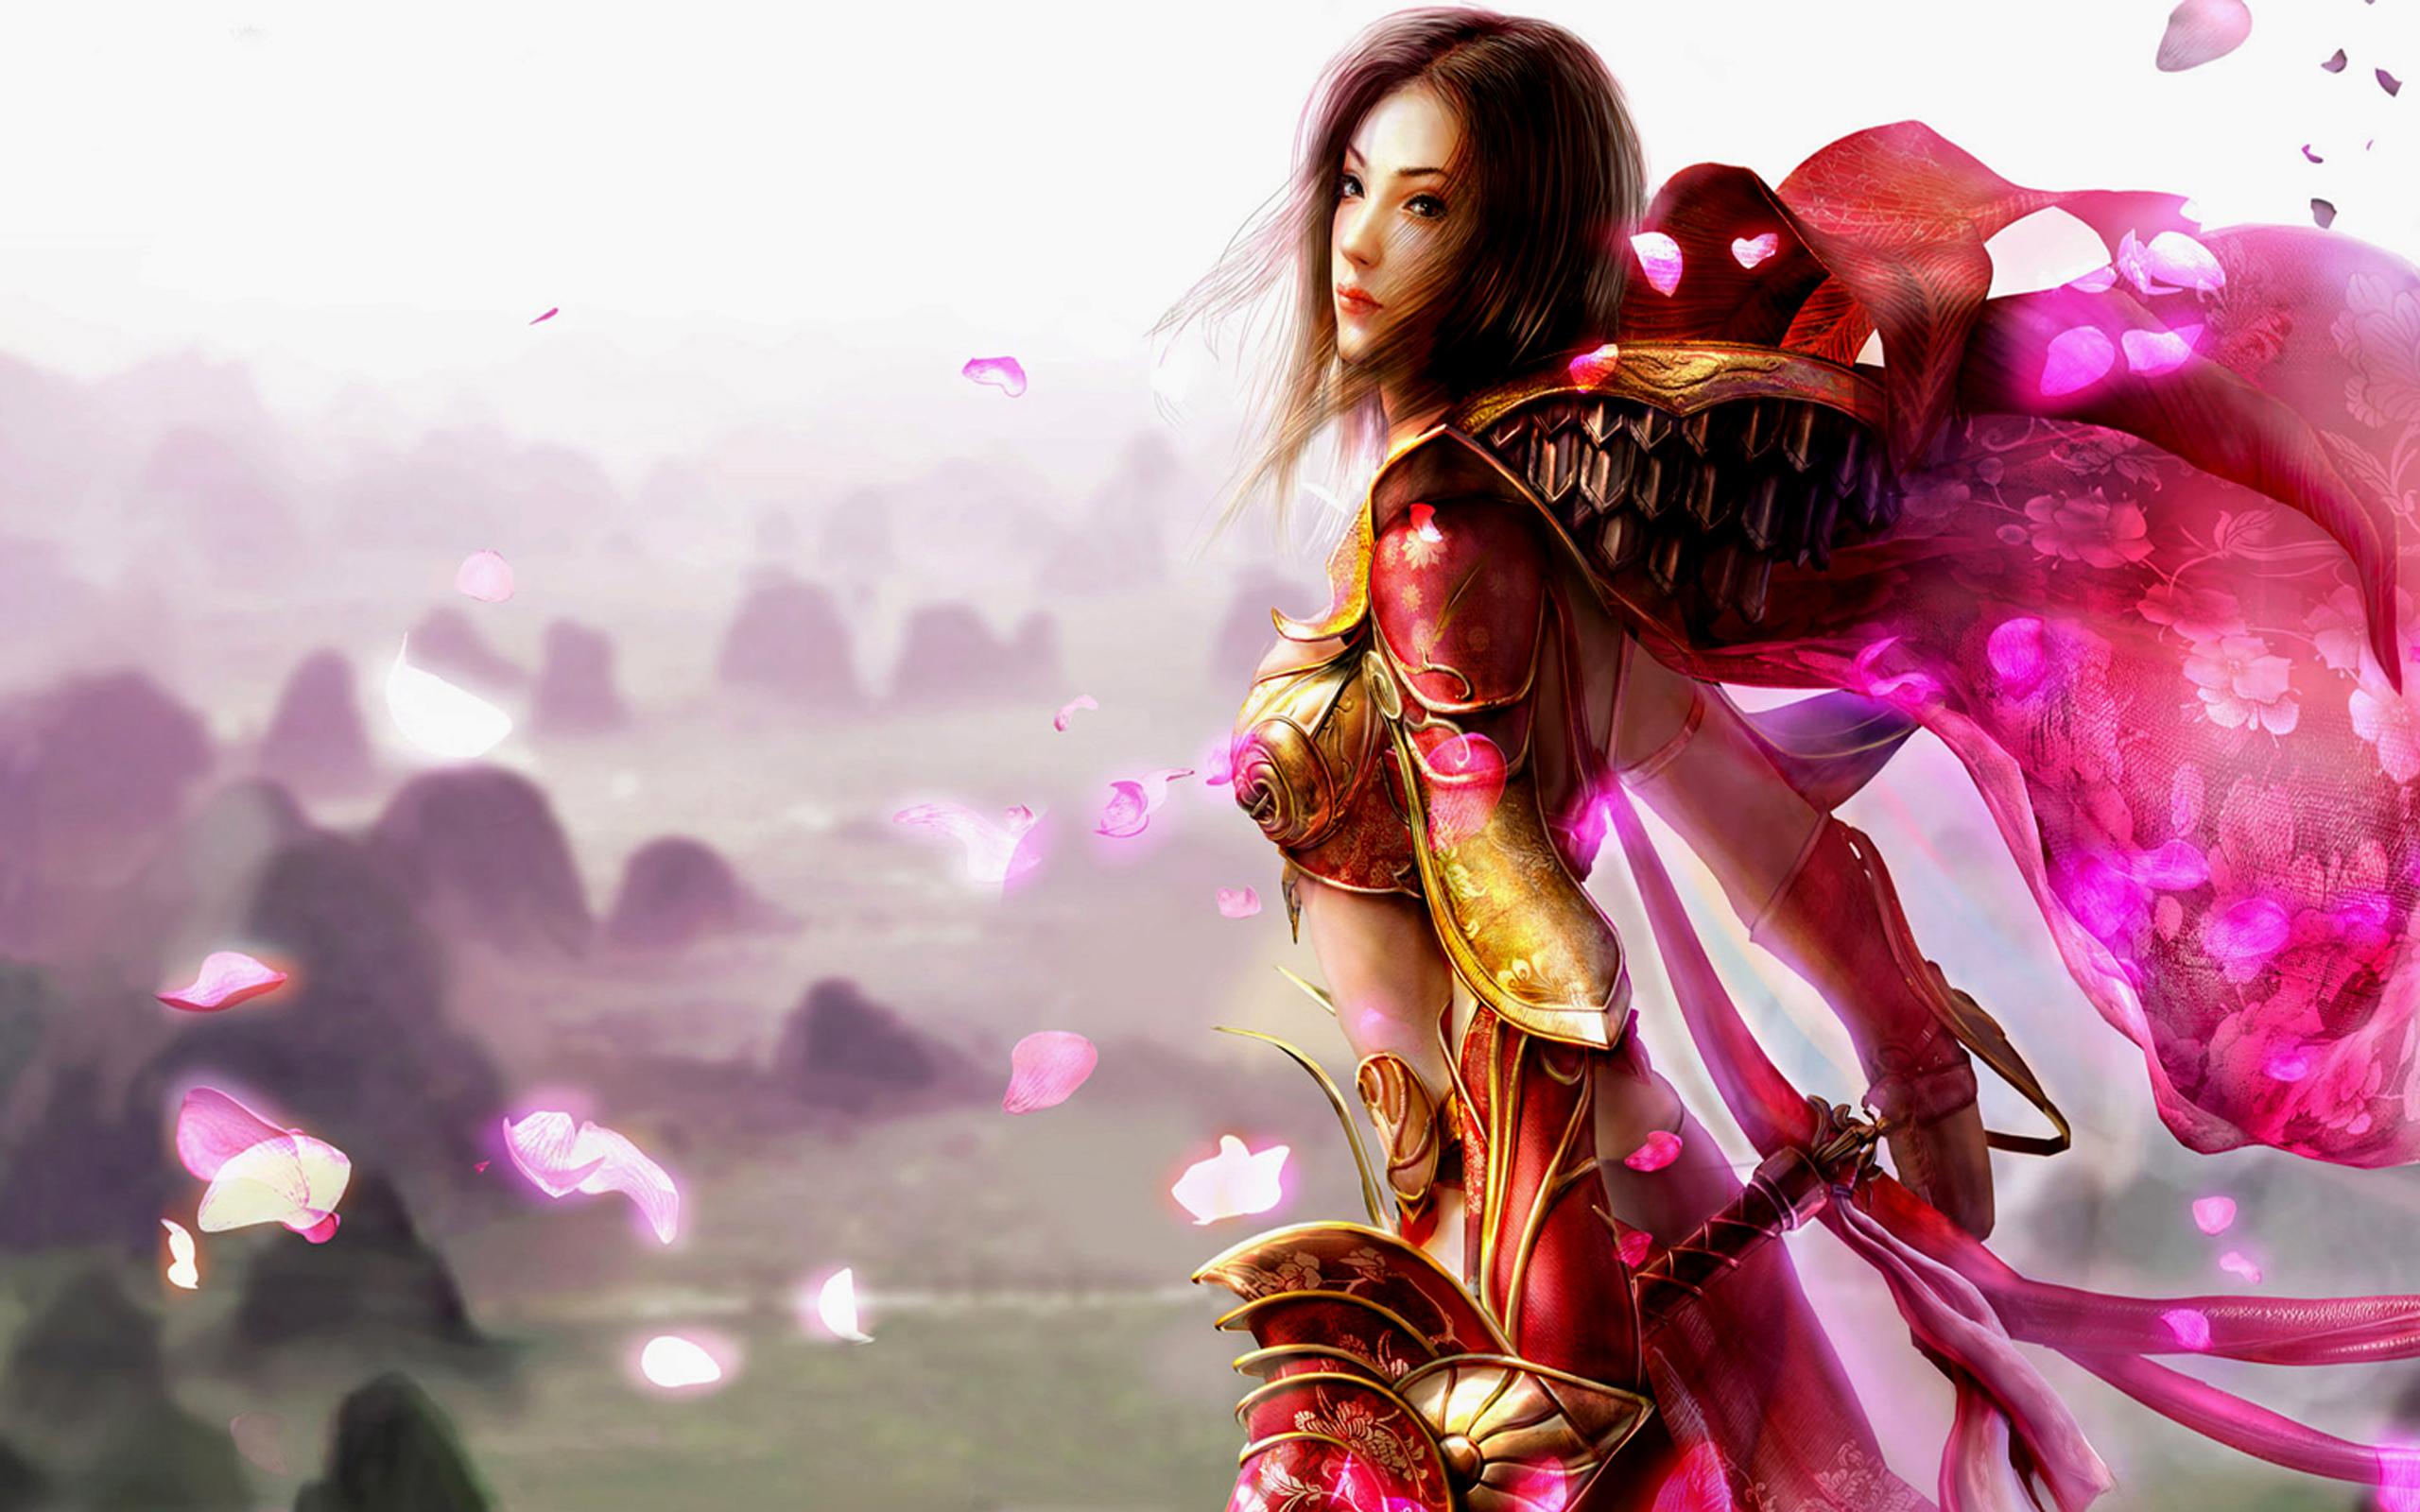 Jeux Vidéo - Legend Of Mir  Woman Guerrier(ère) Armor Epée Cloak Floraison Magnifique Silk Fond d'écran